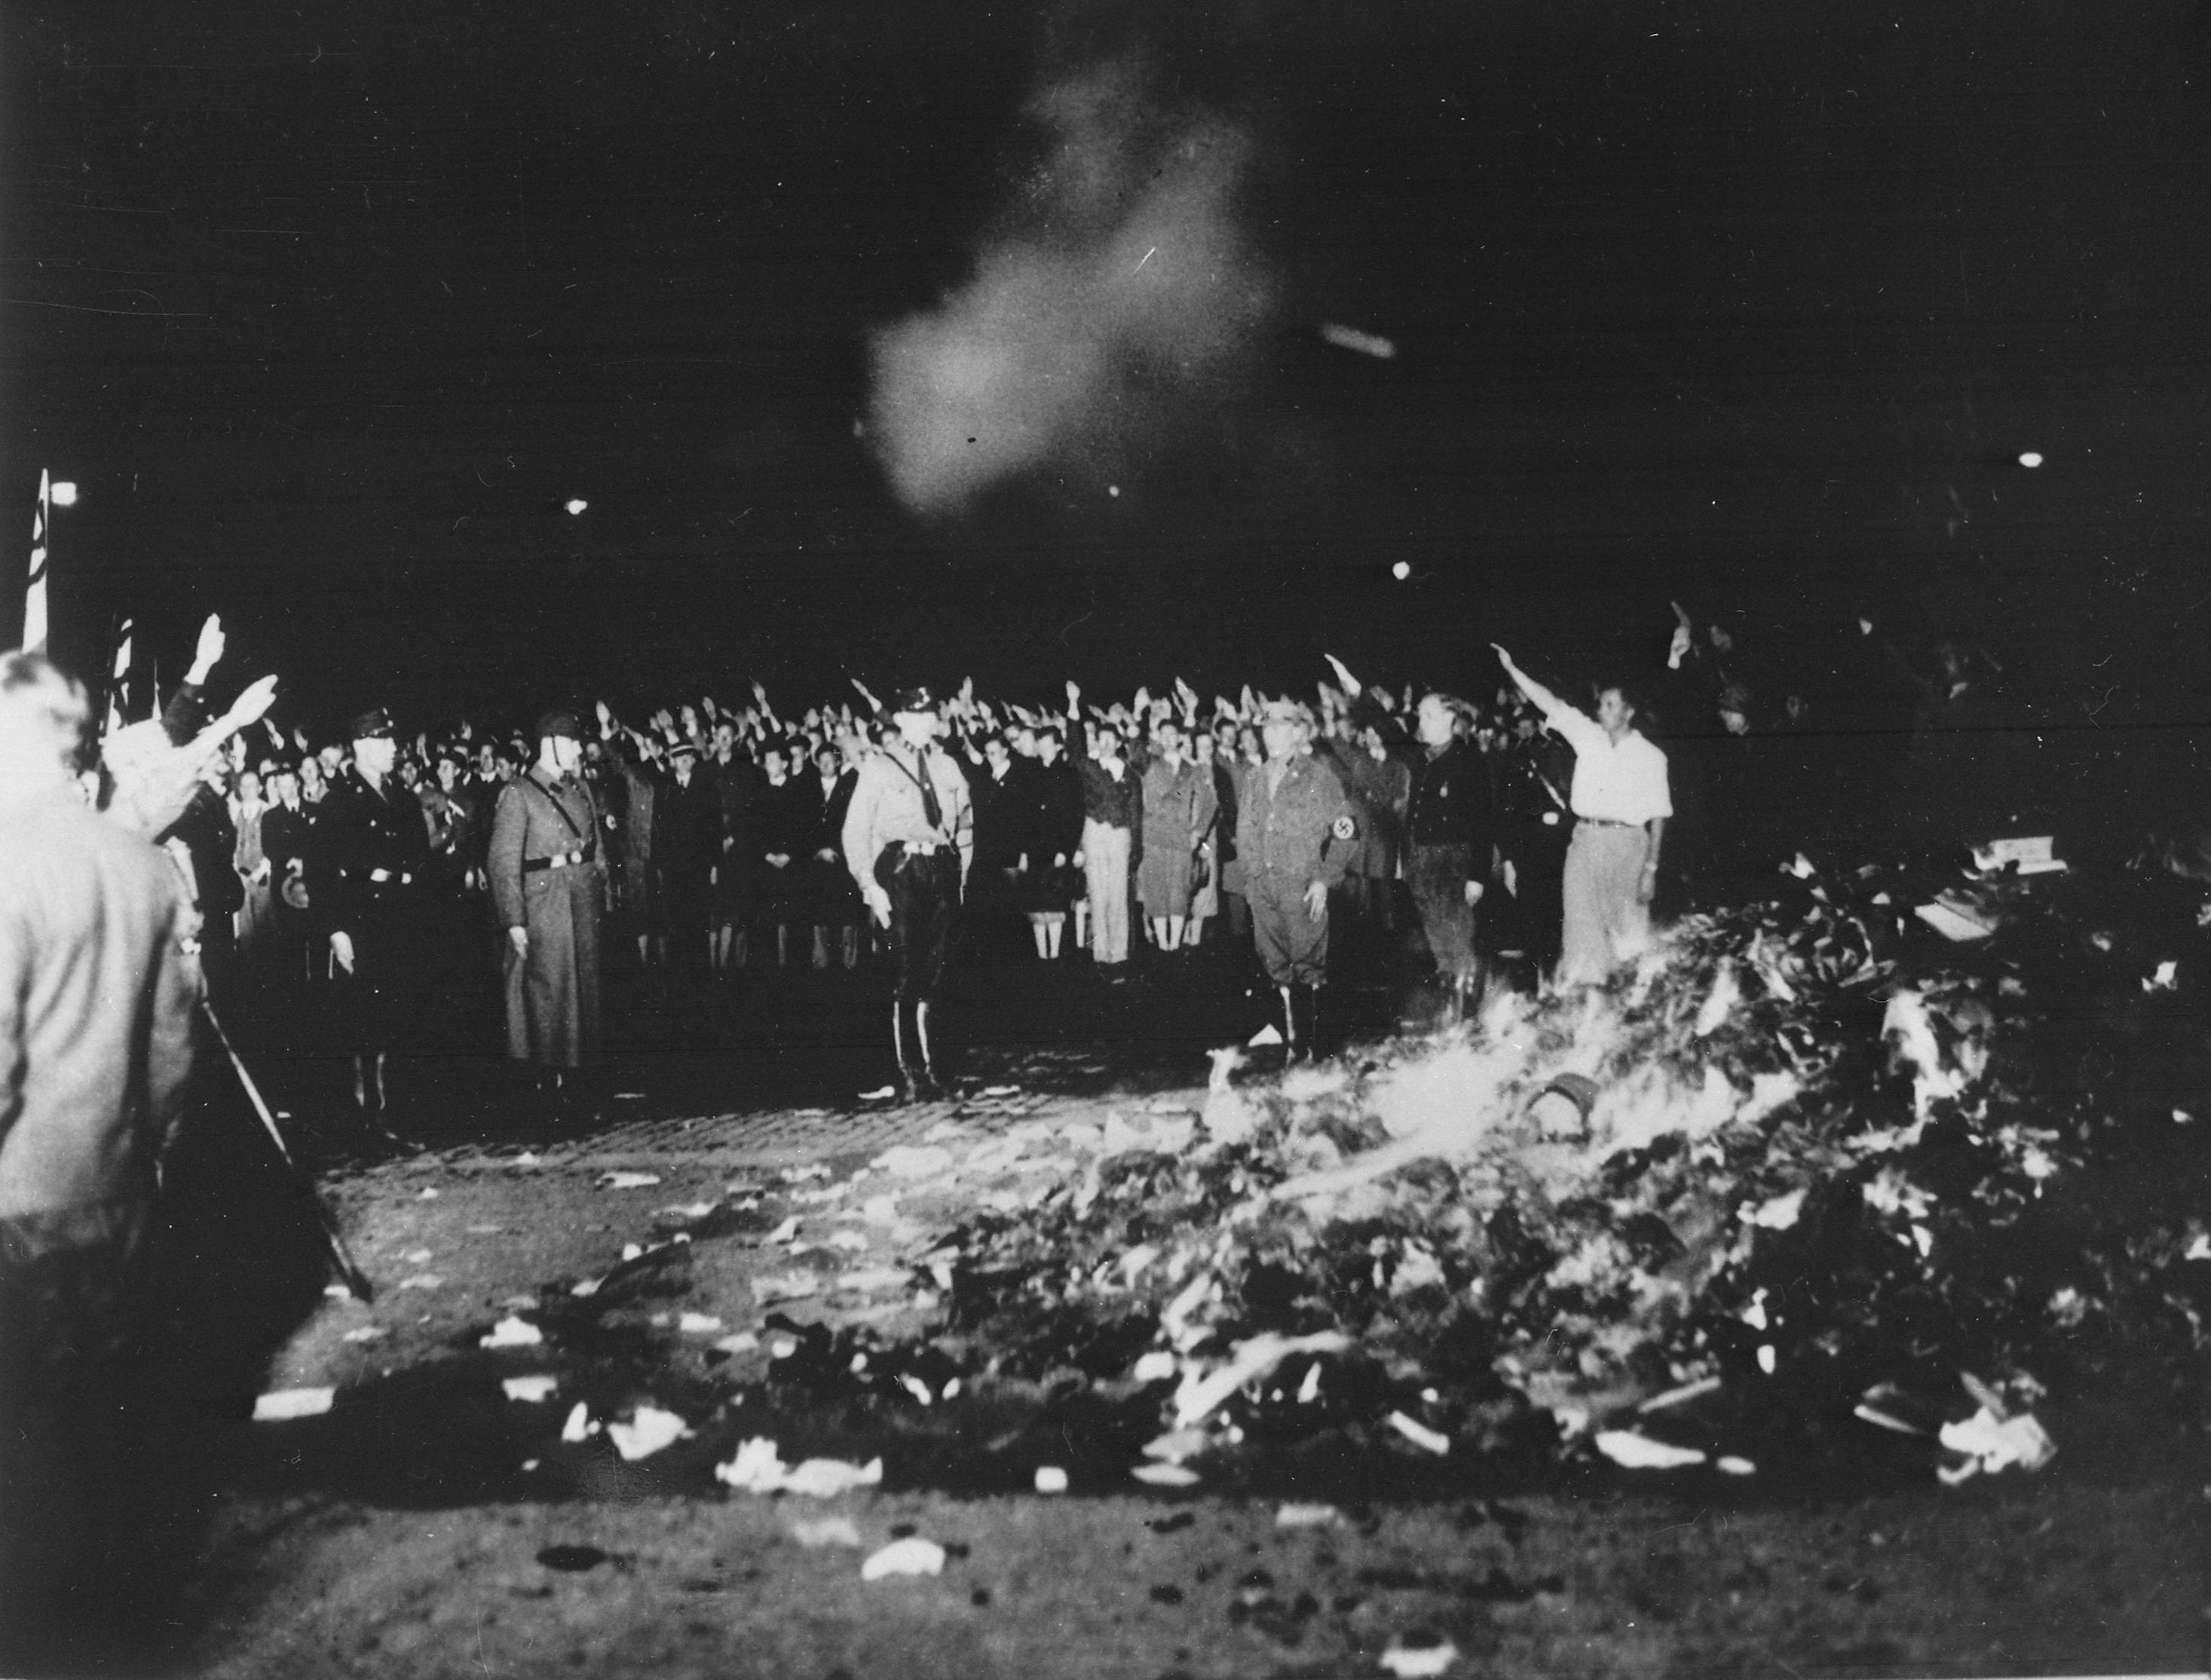 Deutsche Studenten verbrennen eingesammelte, 'undeutsche' Schriften und Bücher öffentlich auf der zentralen Prachtstraße 'Unter den Linden' in Berlin.